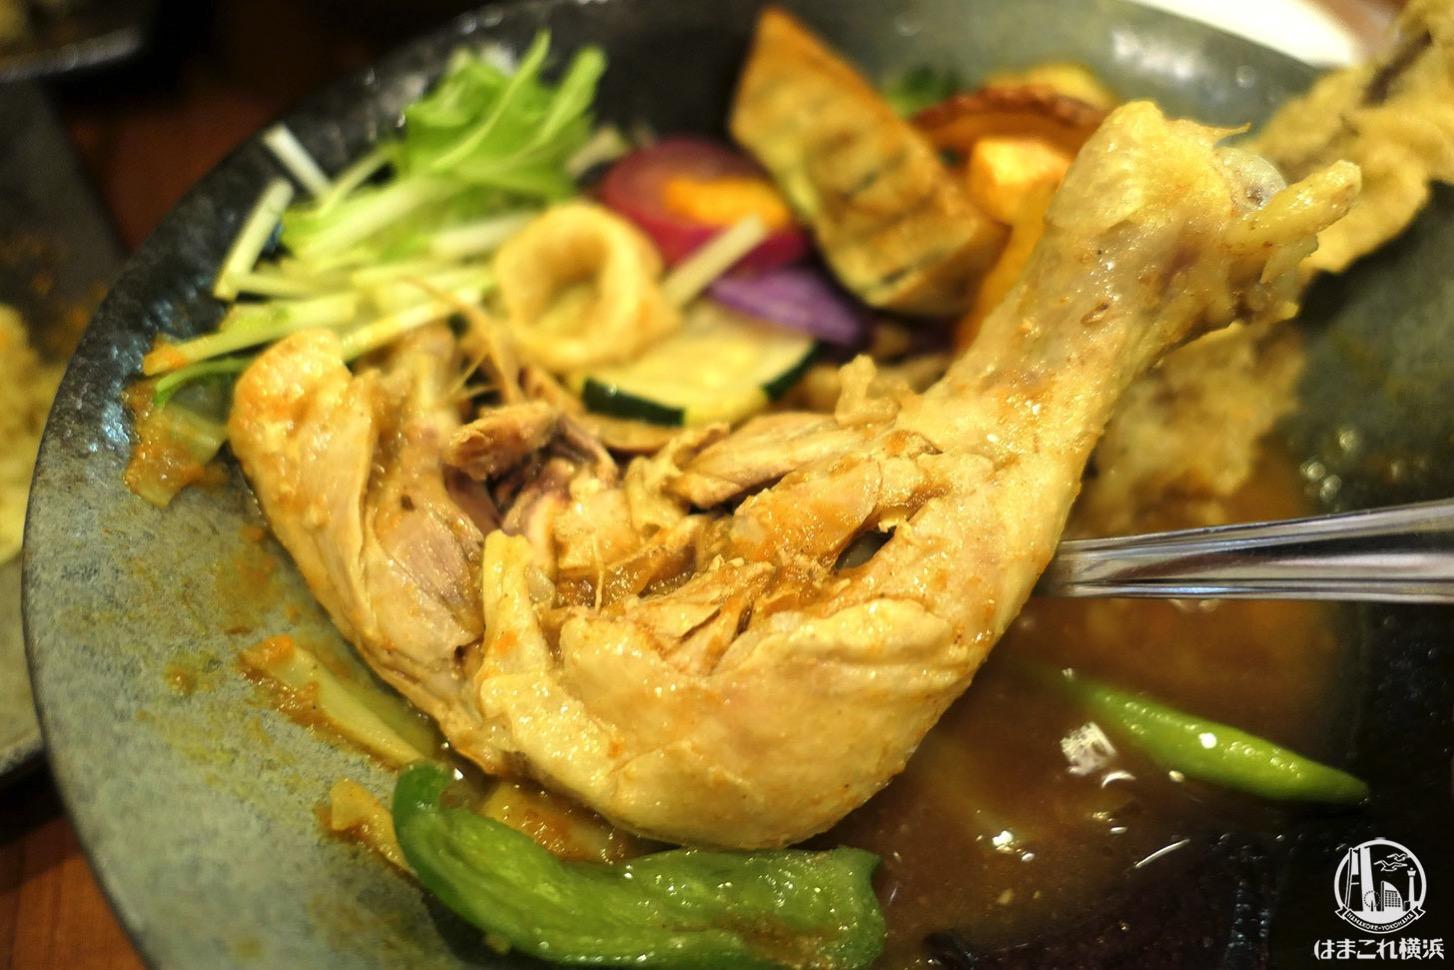 チキンと鎌倉野菜16品野菜のスープカレー 骨付きチキン